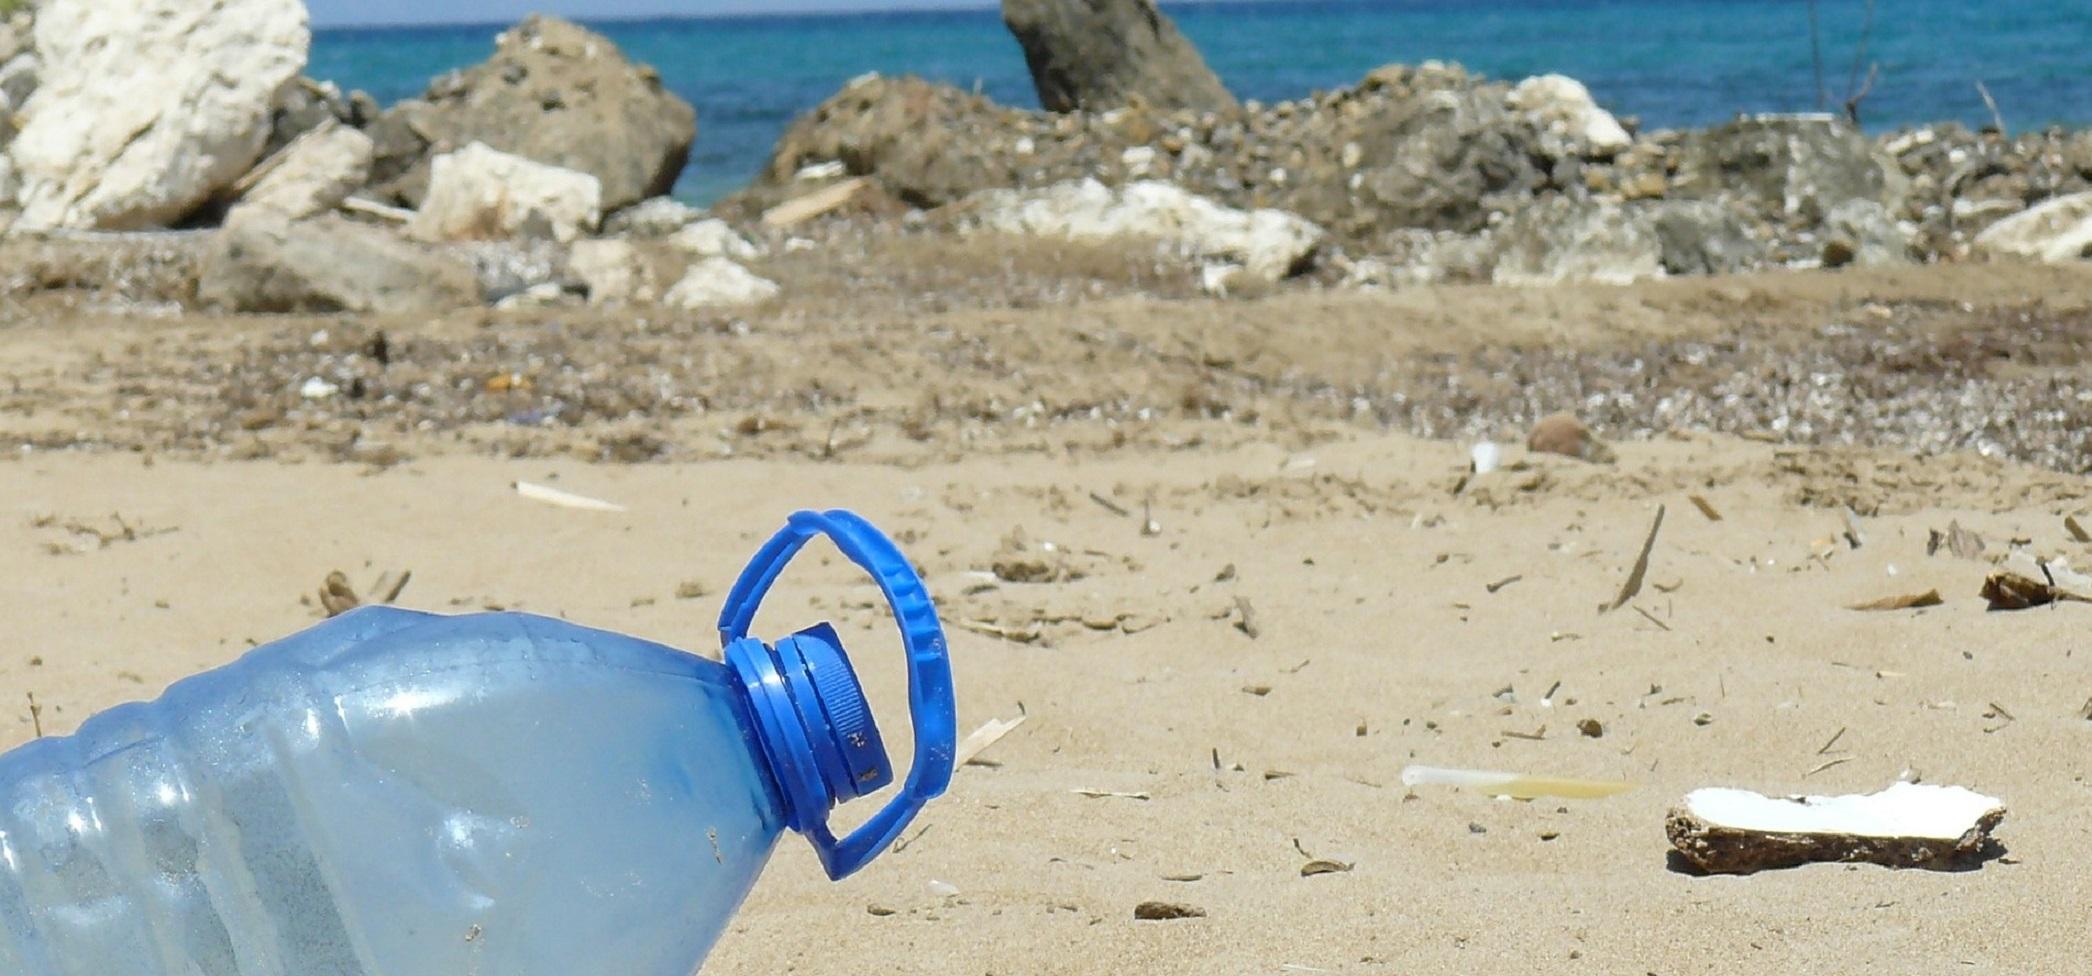 ¿Reutilizar las botellas de agua es malo para la salud por culpa de los microplásticos? No, pero ojo con las bacterias